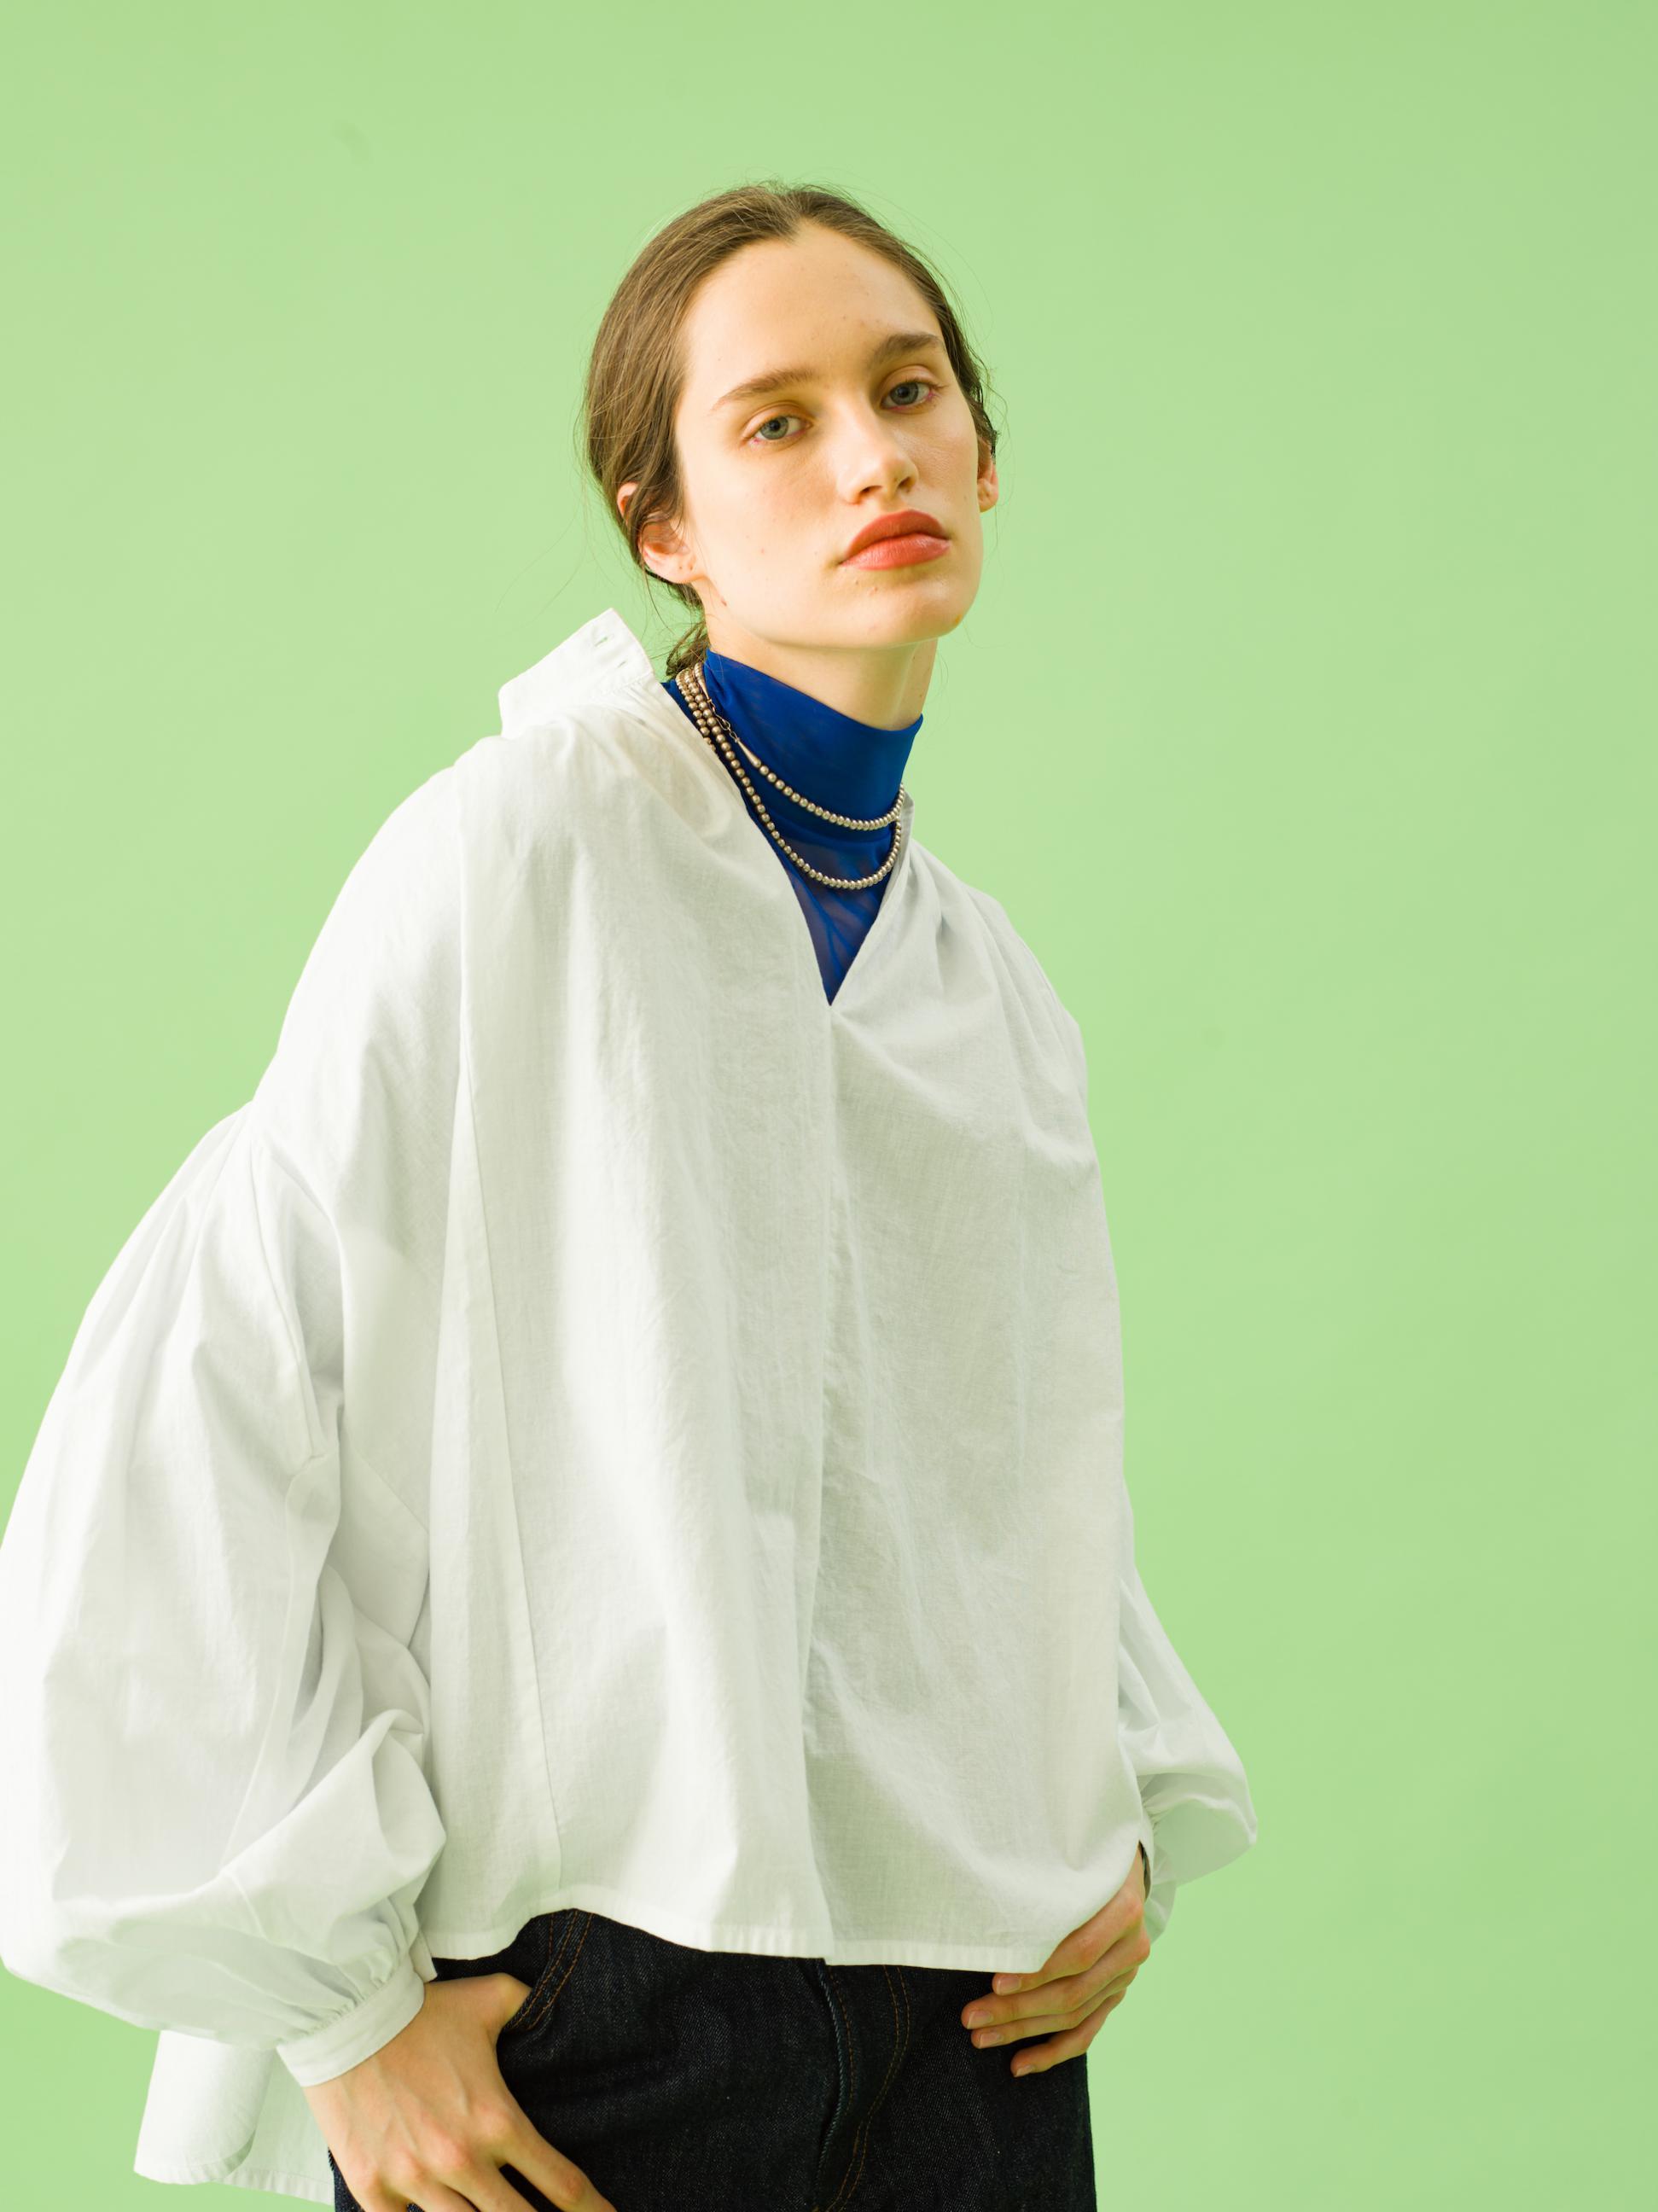 17_2 blouse¥21,000 tops¥19,000 pants¥21,000 necklace¥43,000